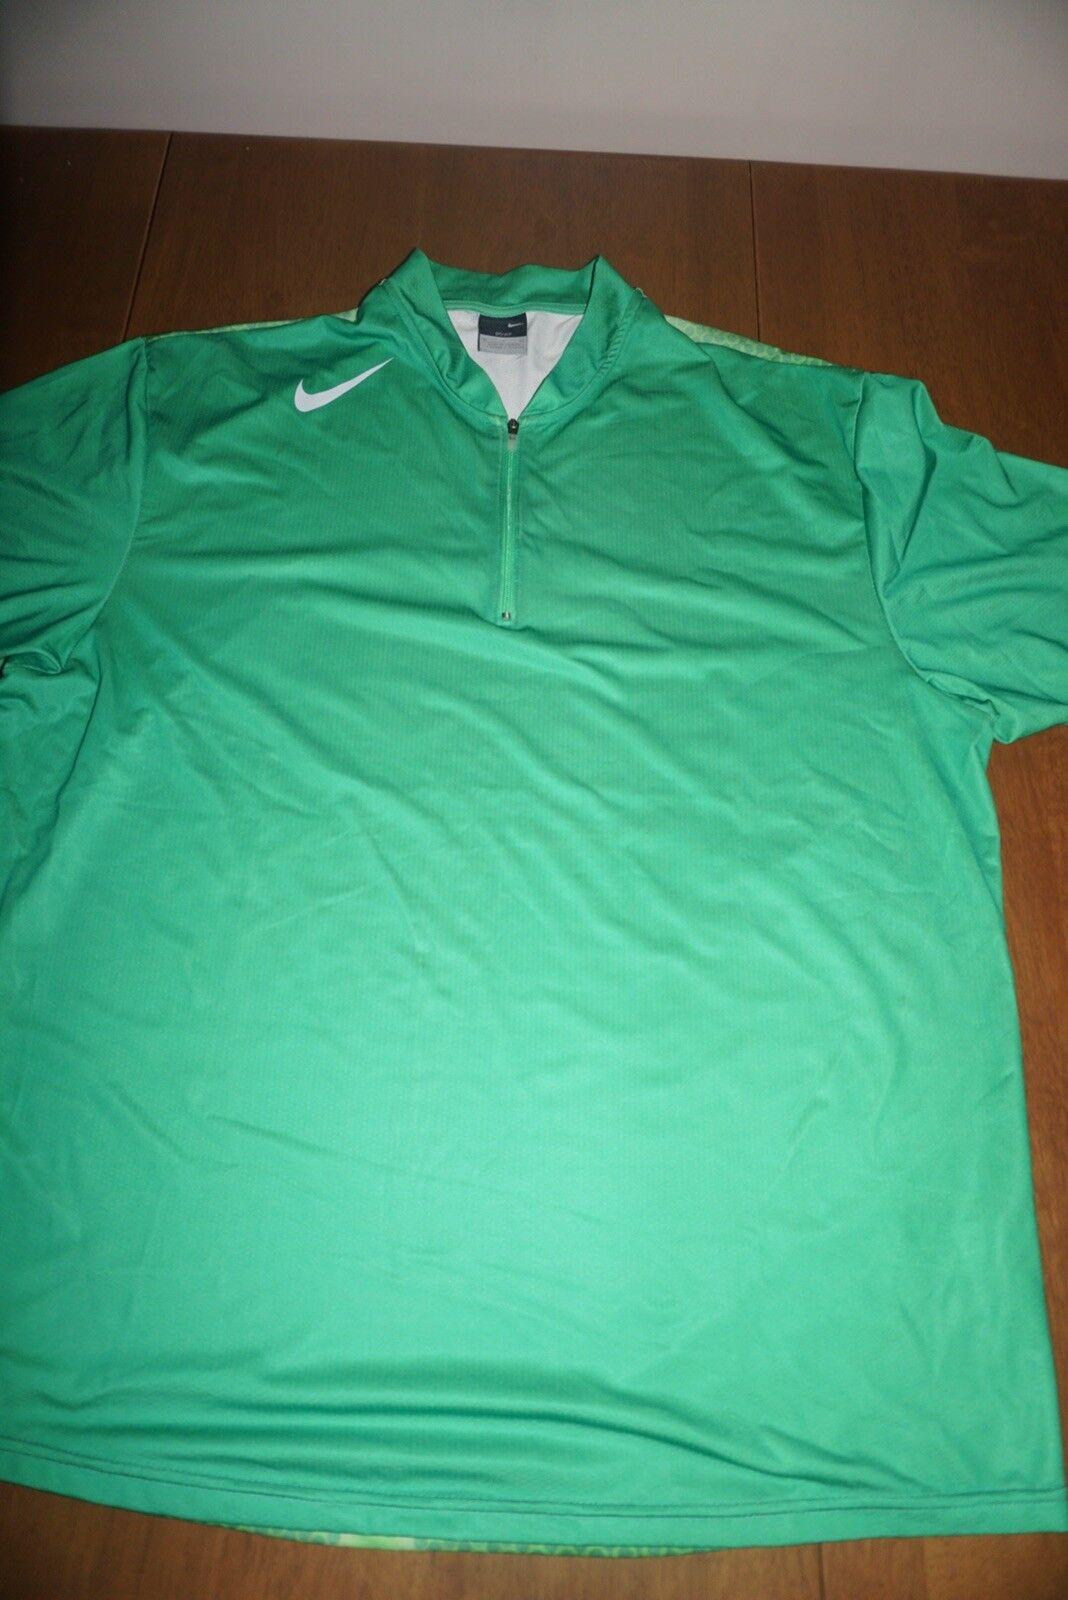 Federer Aus Open L 2005 Shirt L Open verde 2e7248